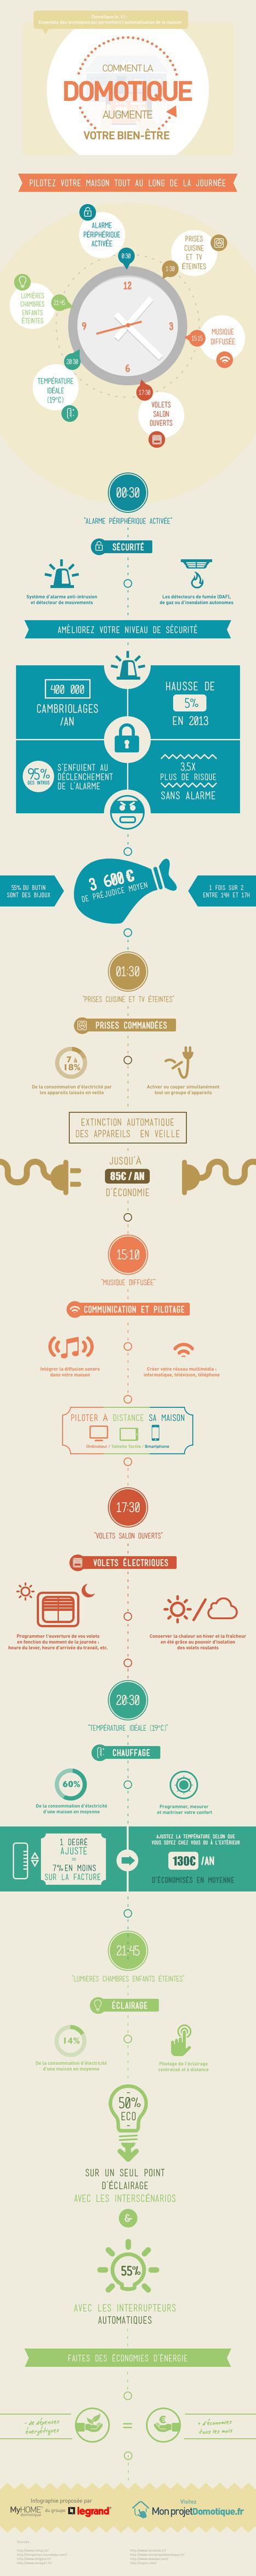 [infographie] Une journée type pour comprendre tous les enjeux de la domotique au quotidien   Veille technologique   Scoop.it